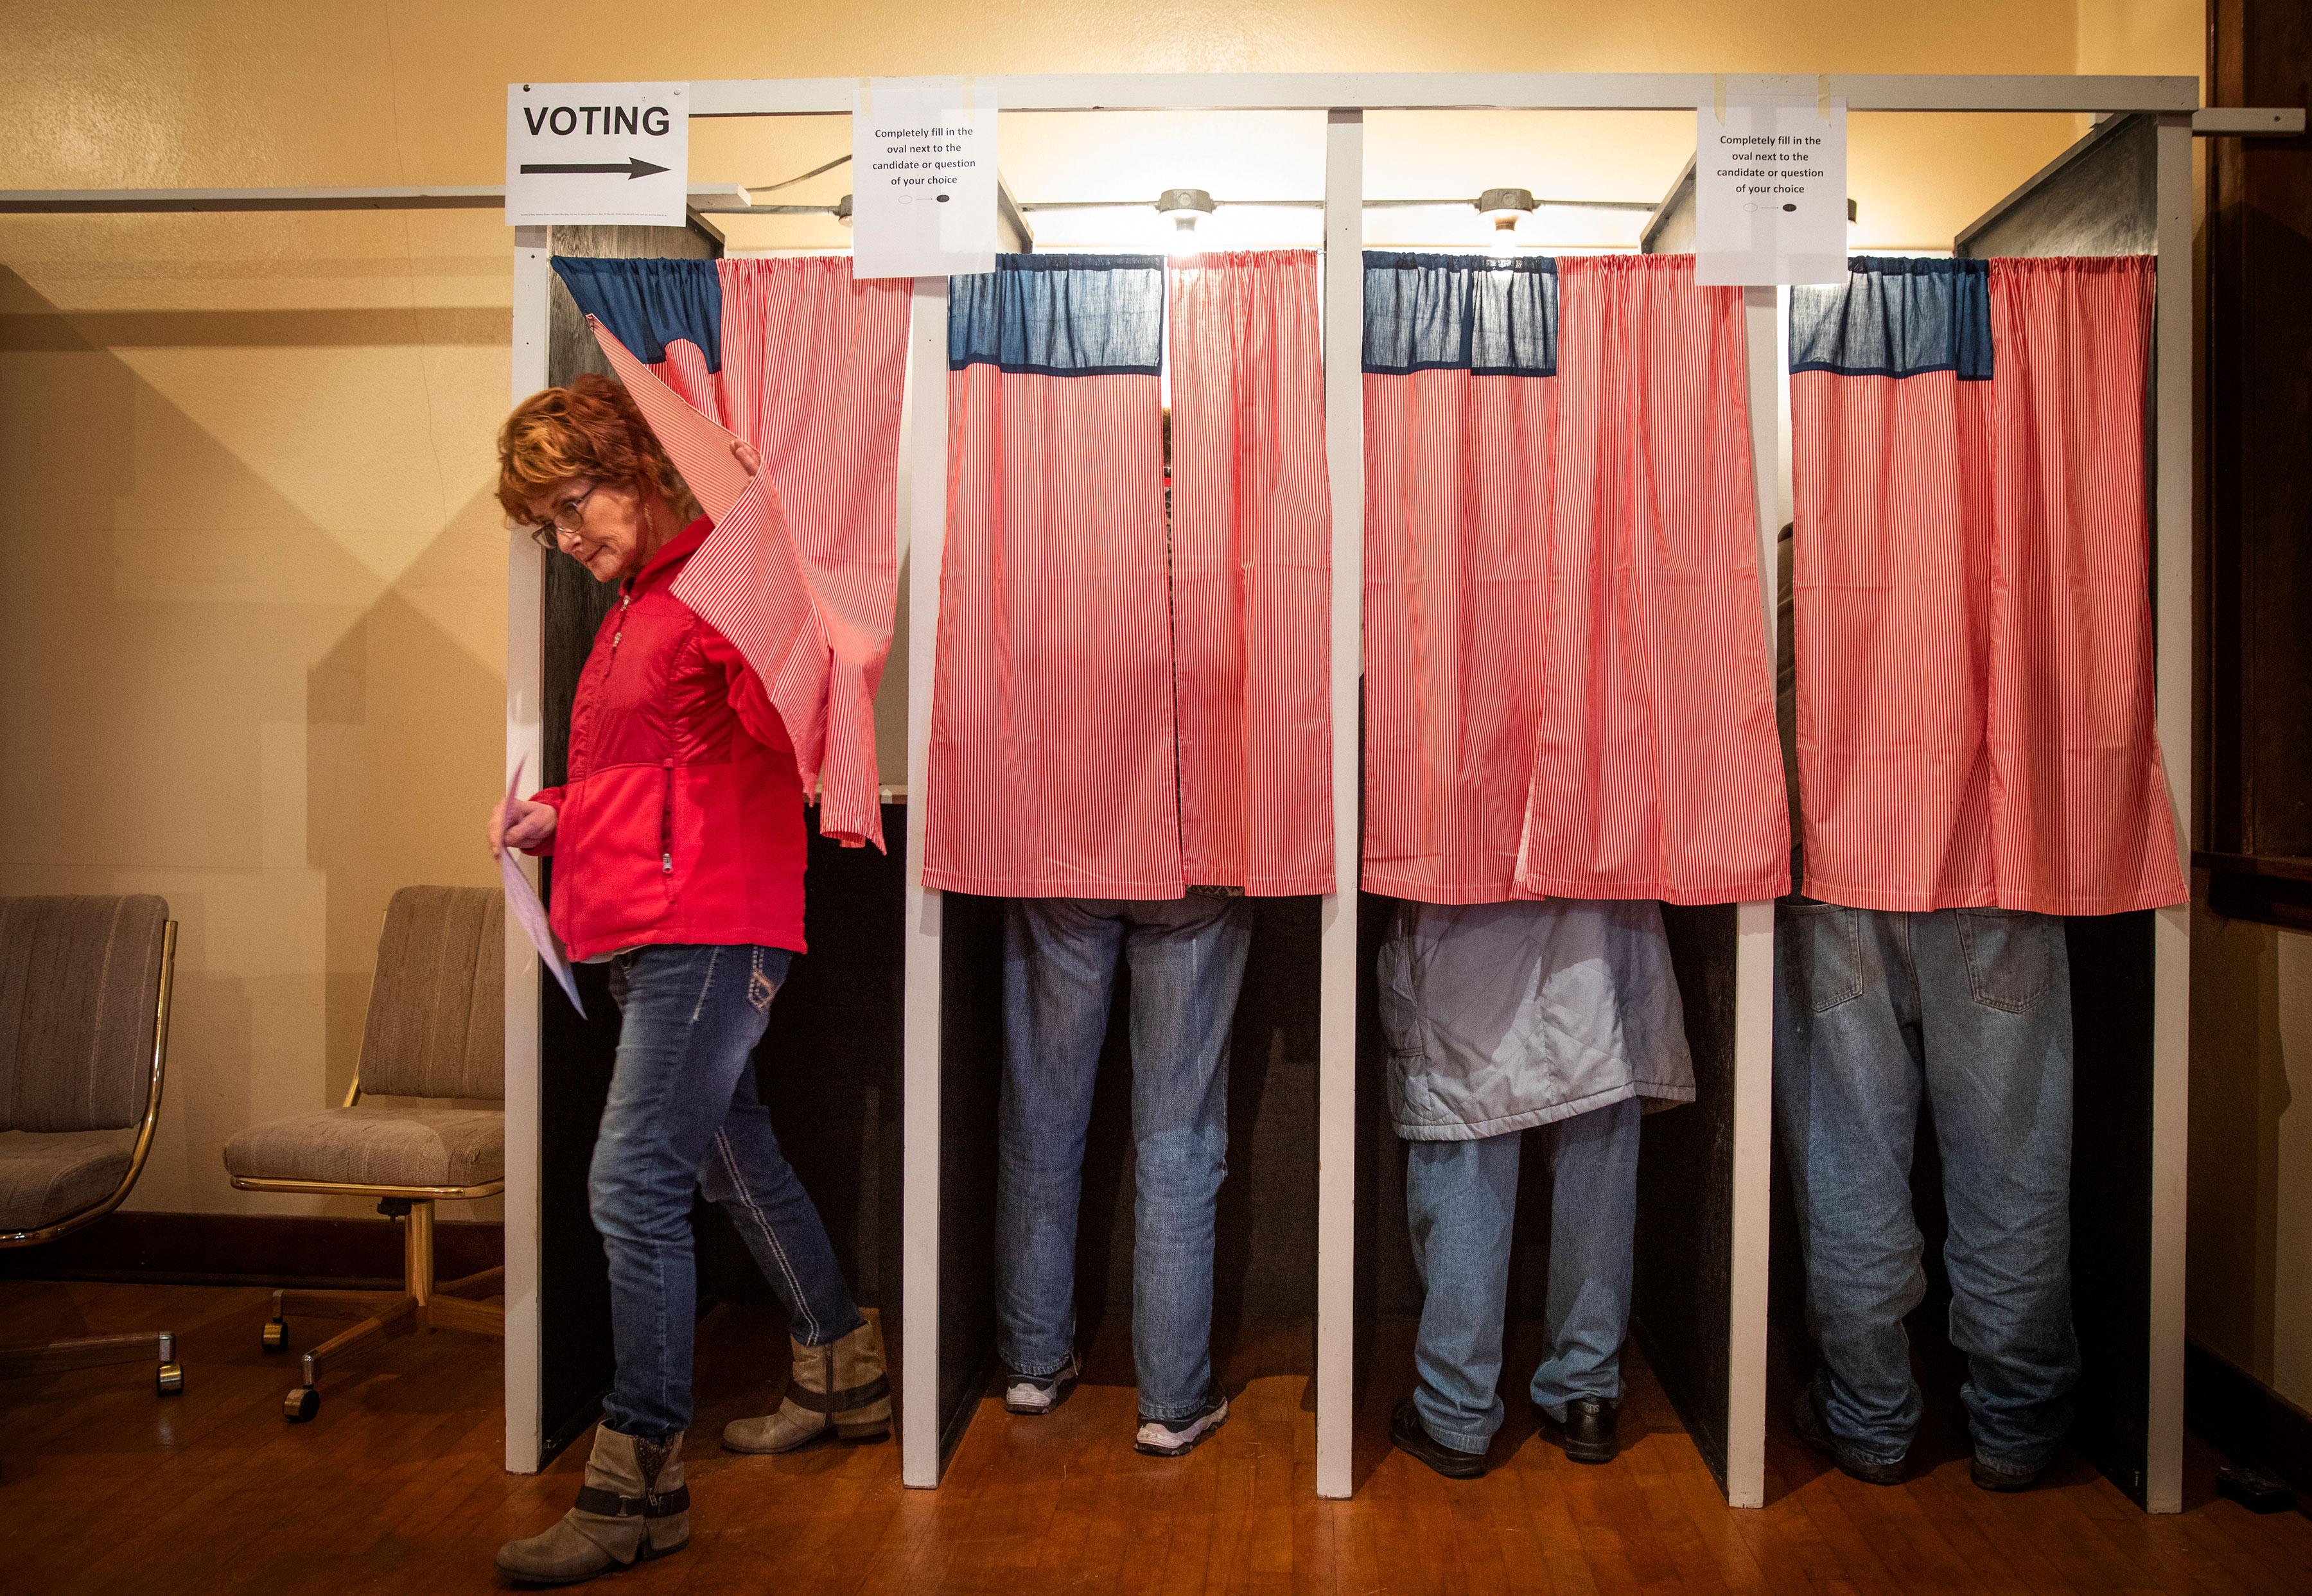 El papel sigue siendo la opción más segura para votar en elecciones